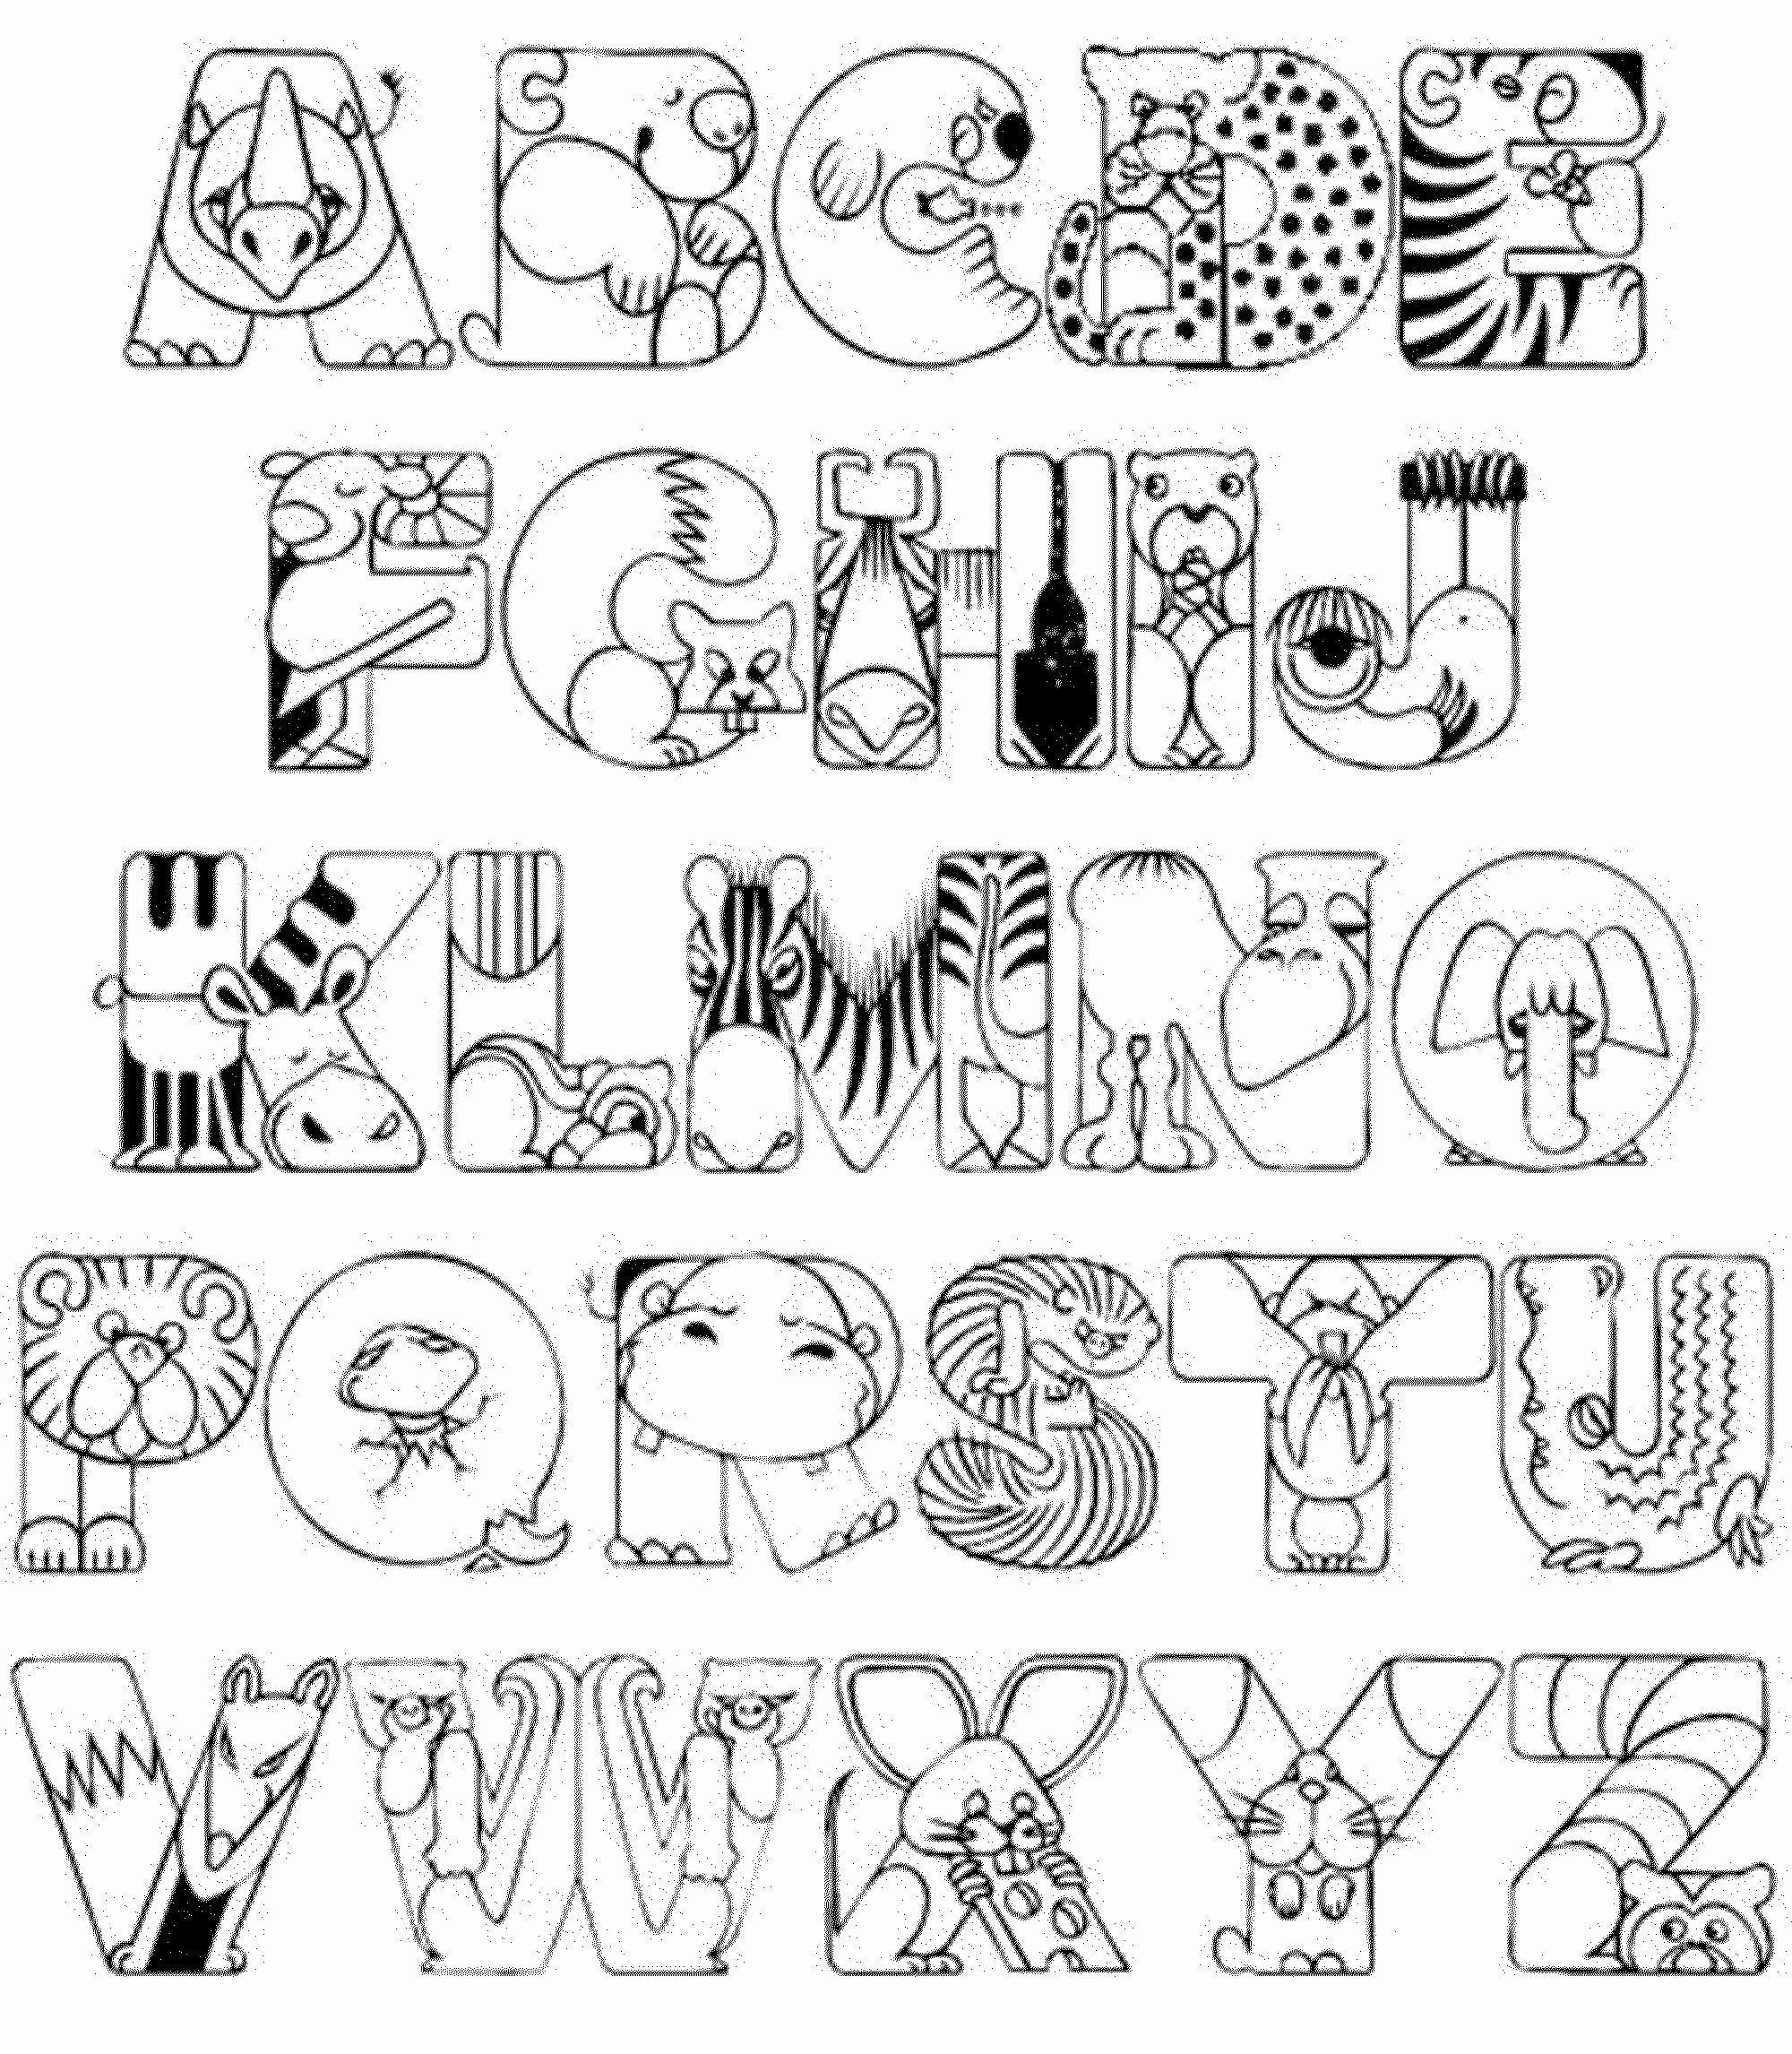 Kindergarten Letter Coloring Sheets Letter A Coloring Pages Coloring Letters Abc Coloring Pages